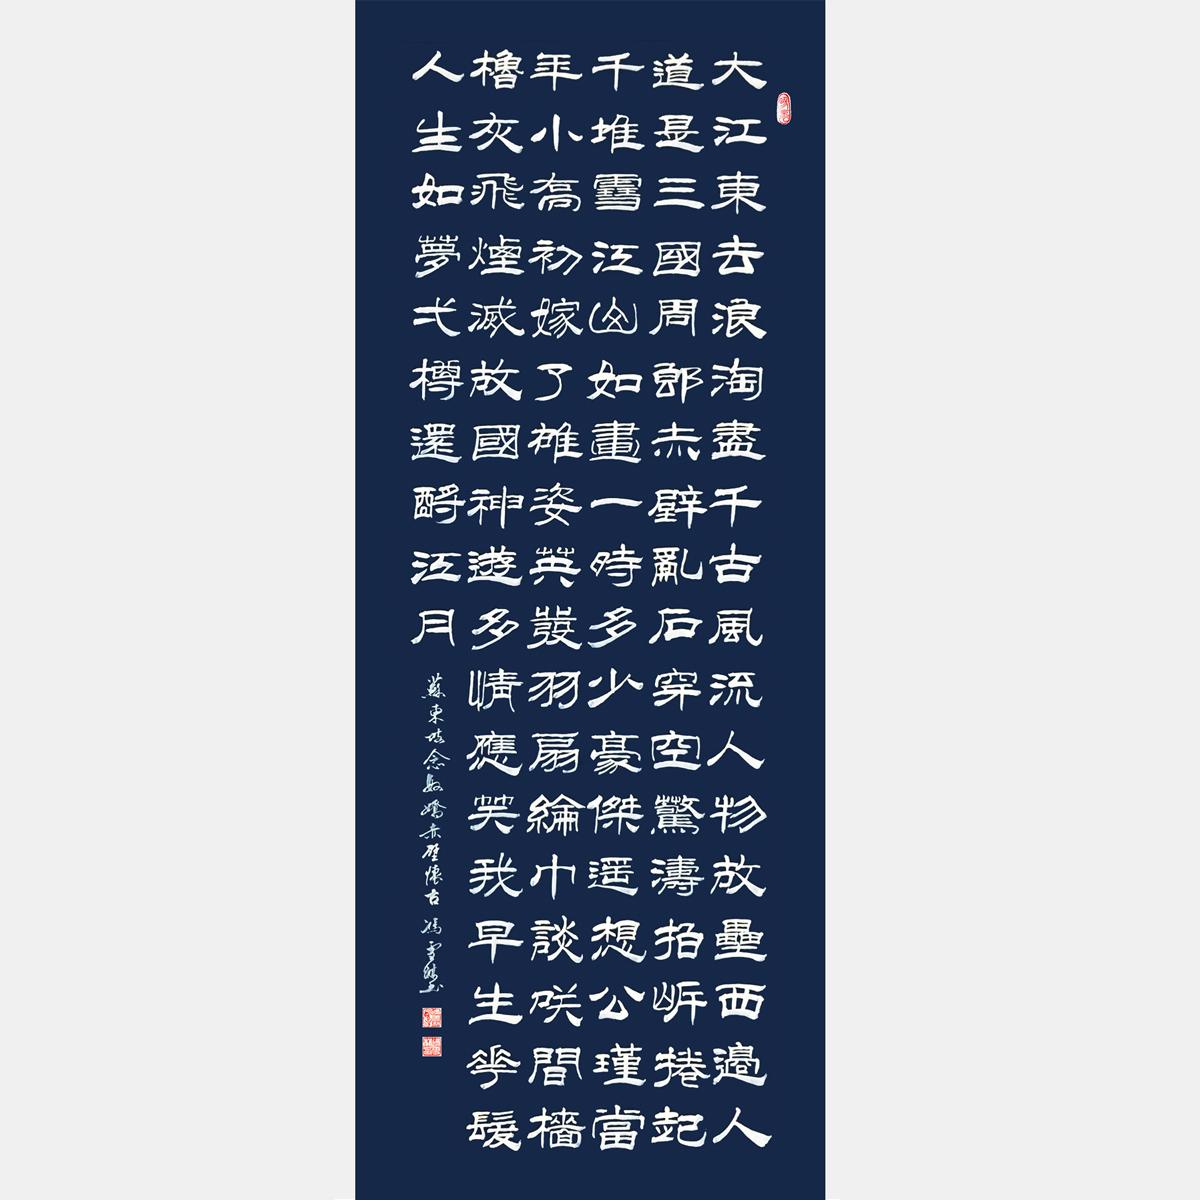 宋・苏轼《念奴娇・赤壁怀古》隶书 万年蓝